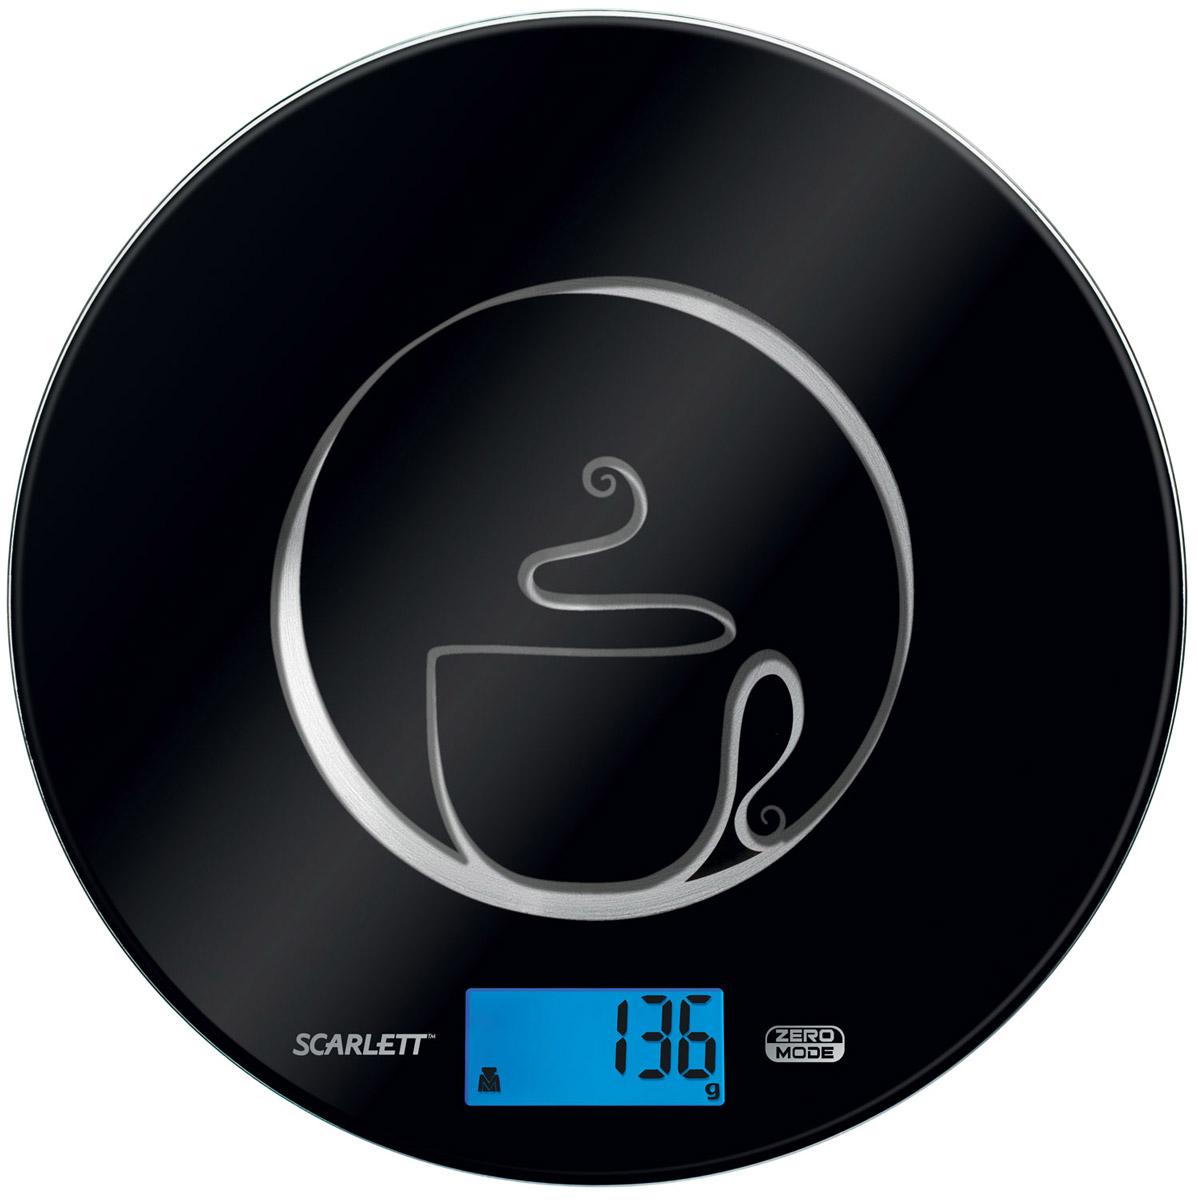 Scarlett SC-1215, Black весы кухонныеSC-1215Кухонные весы Scarlett SC-1215 - это отличный помощник на вашей кухне. Функция компенсации тары позволит взвешивать не учитывая массу тары, а высокая точность даст возможность точно следовать вашим любимым рецептам. Данная модель также имеет индикатор перегрузки и заряда батареи.